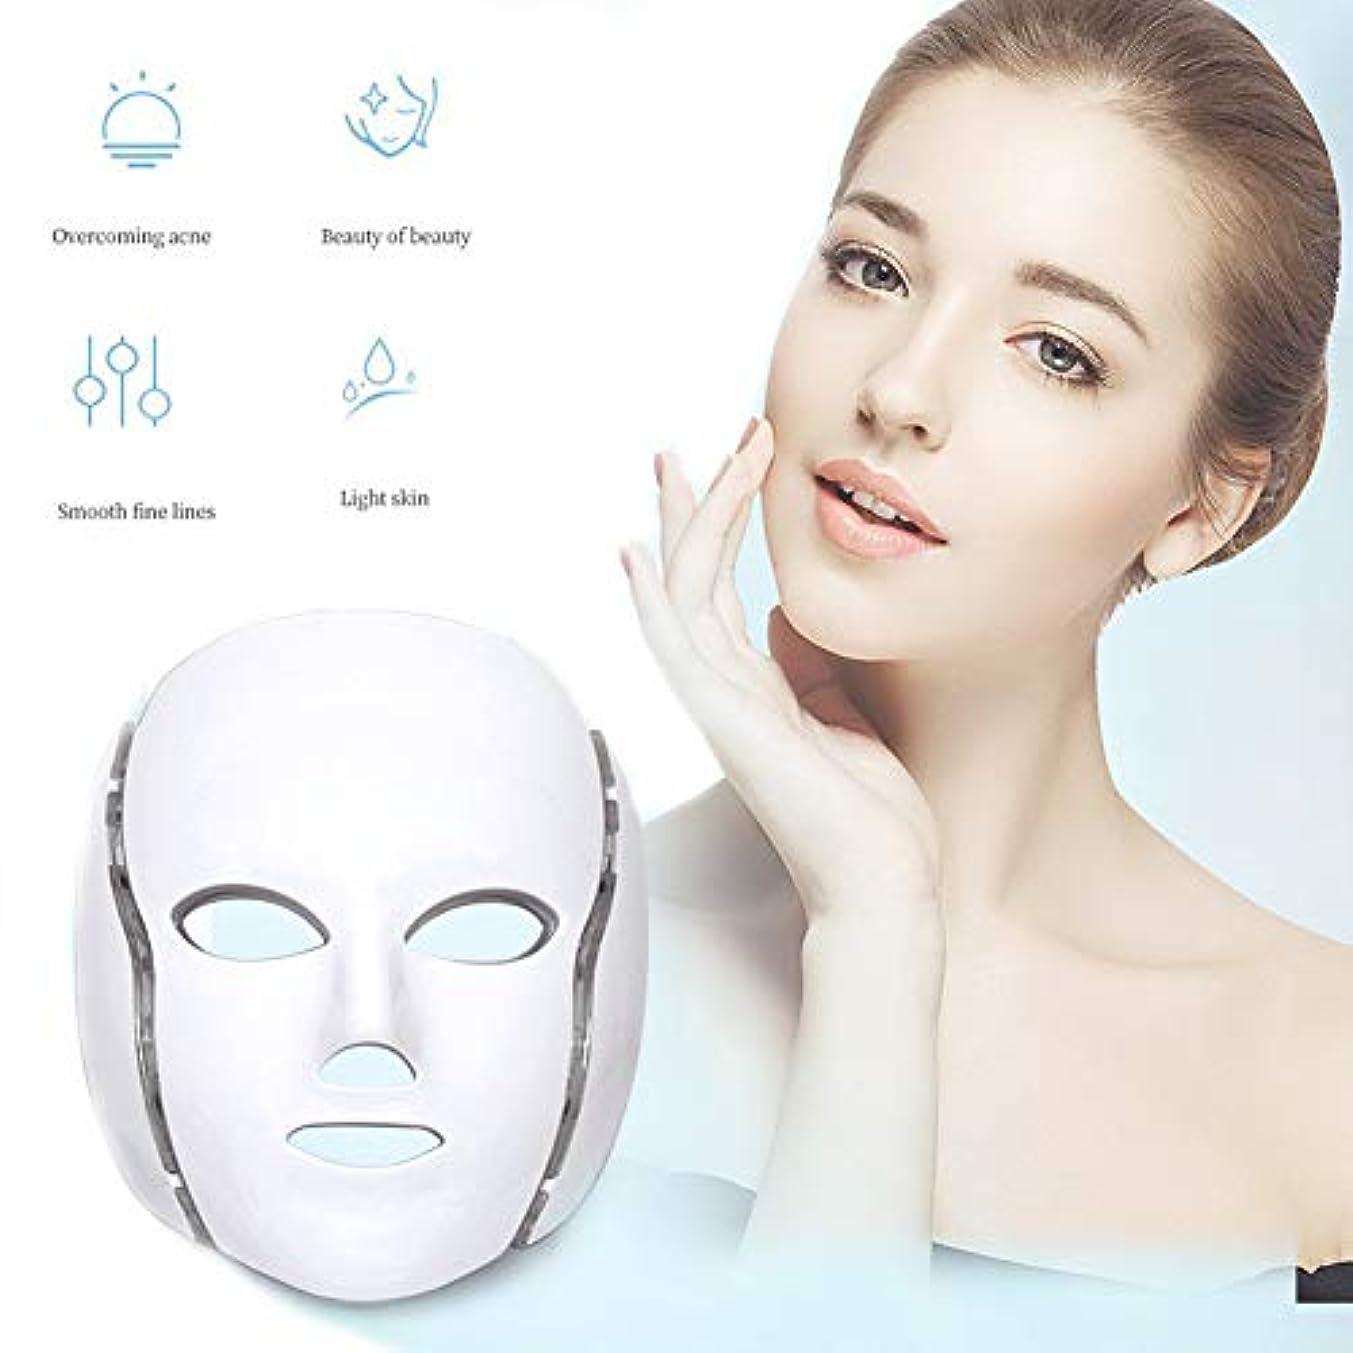 不安定なヘッドレス真面目な7色LEDライトマスク美容器具フェイシャルマスクPhotorejuvenationスペクトル美容器具ネックマスクセット